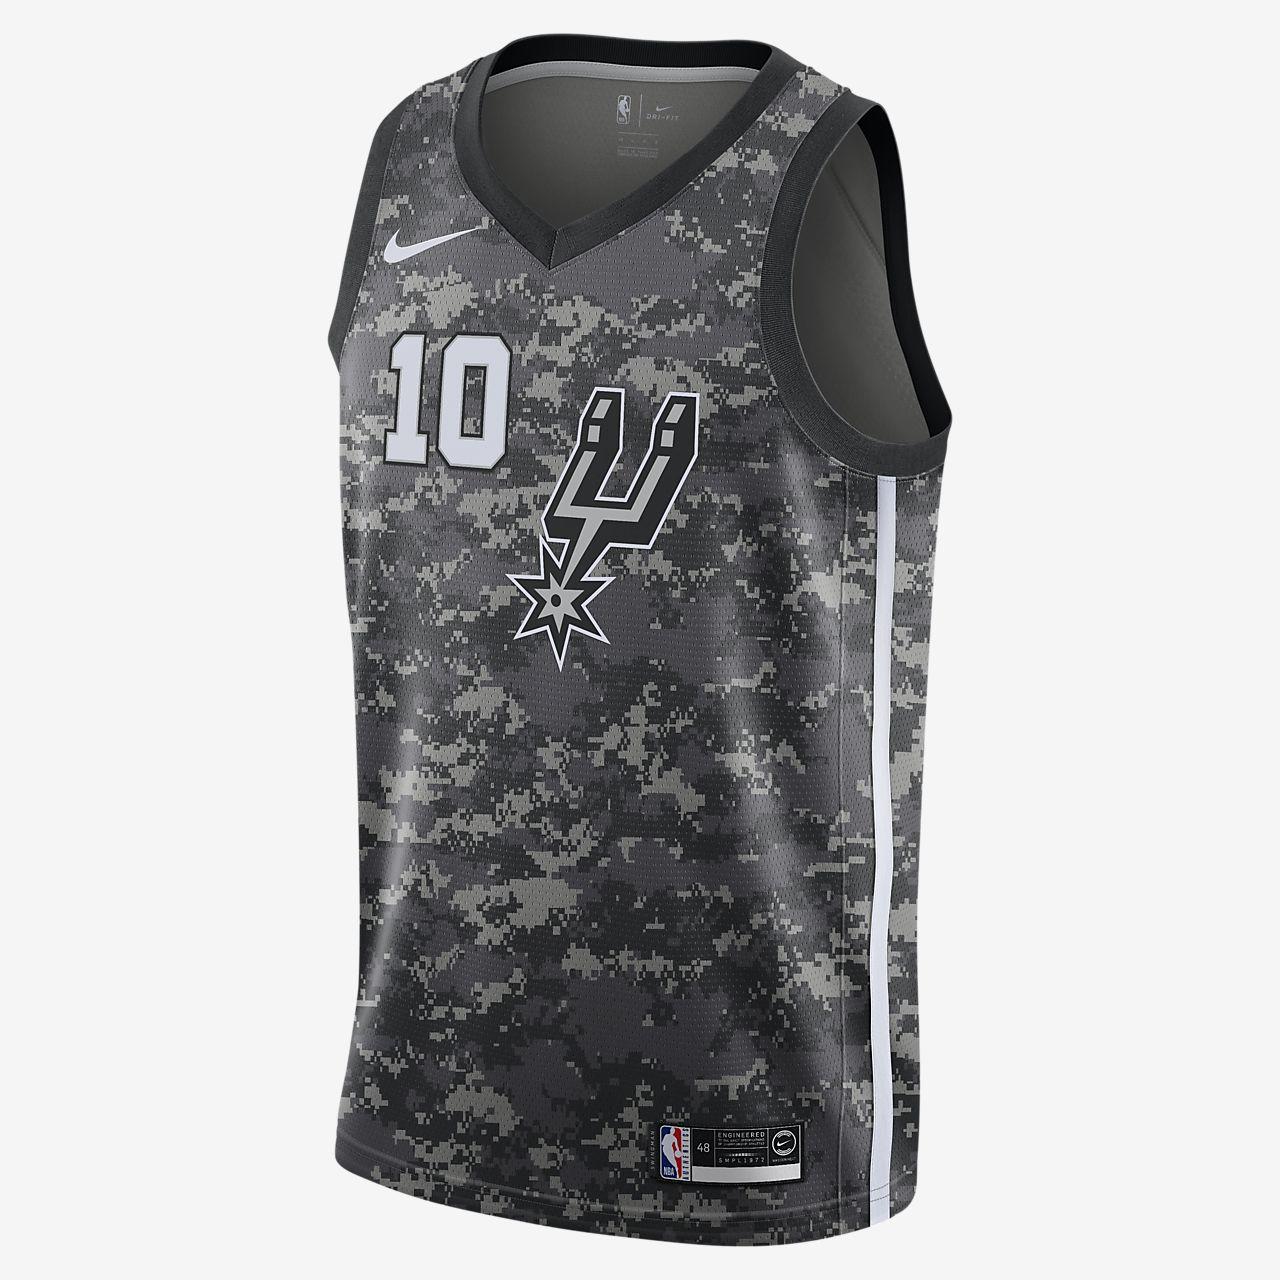 Camisola NBA da Nike Swingman DeMar DeRozan Spurs – City Edition